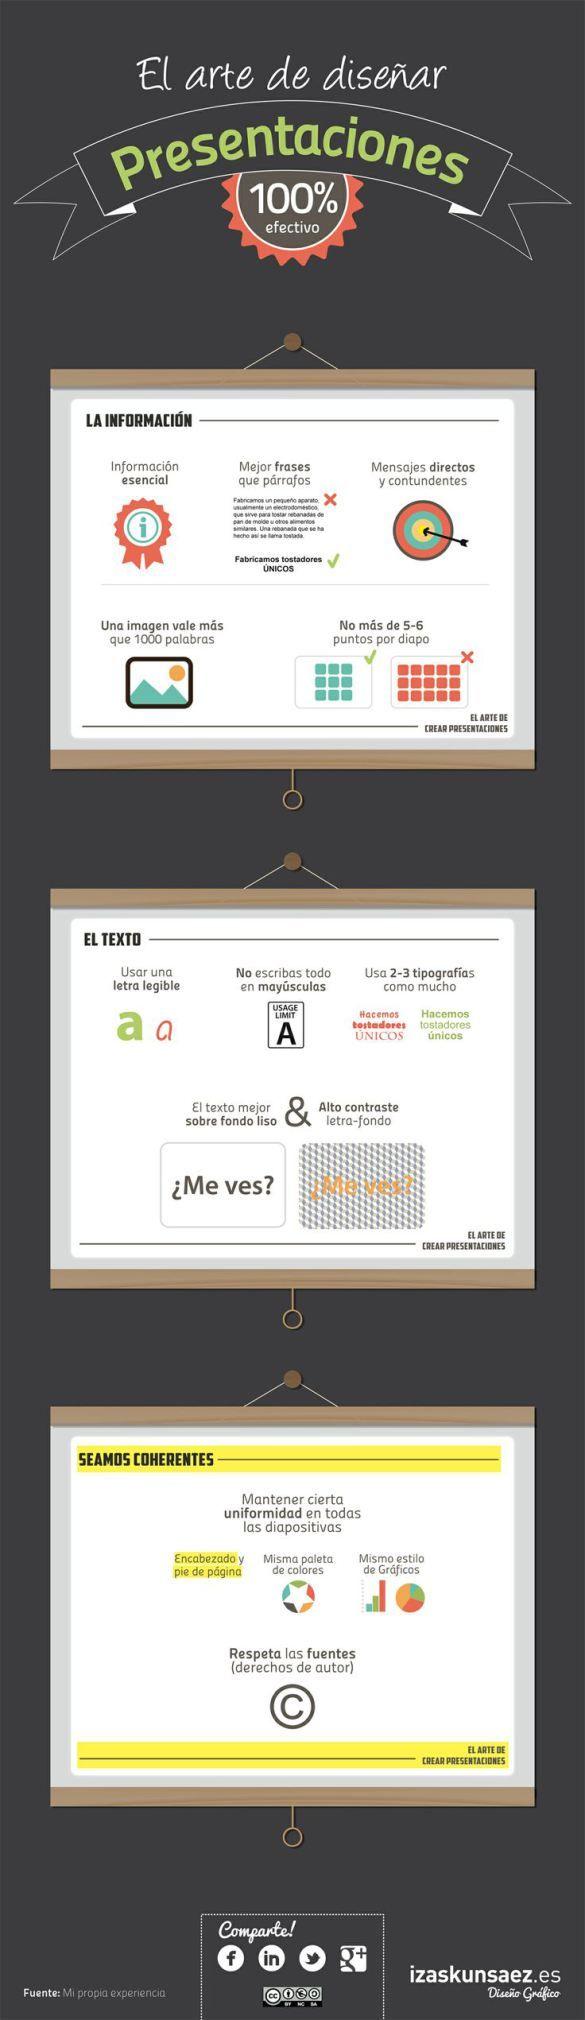 Guía para diseñar presentaciones exitosas #Infografia